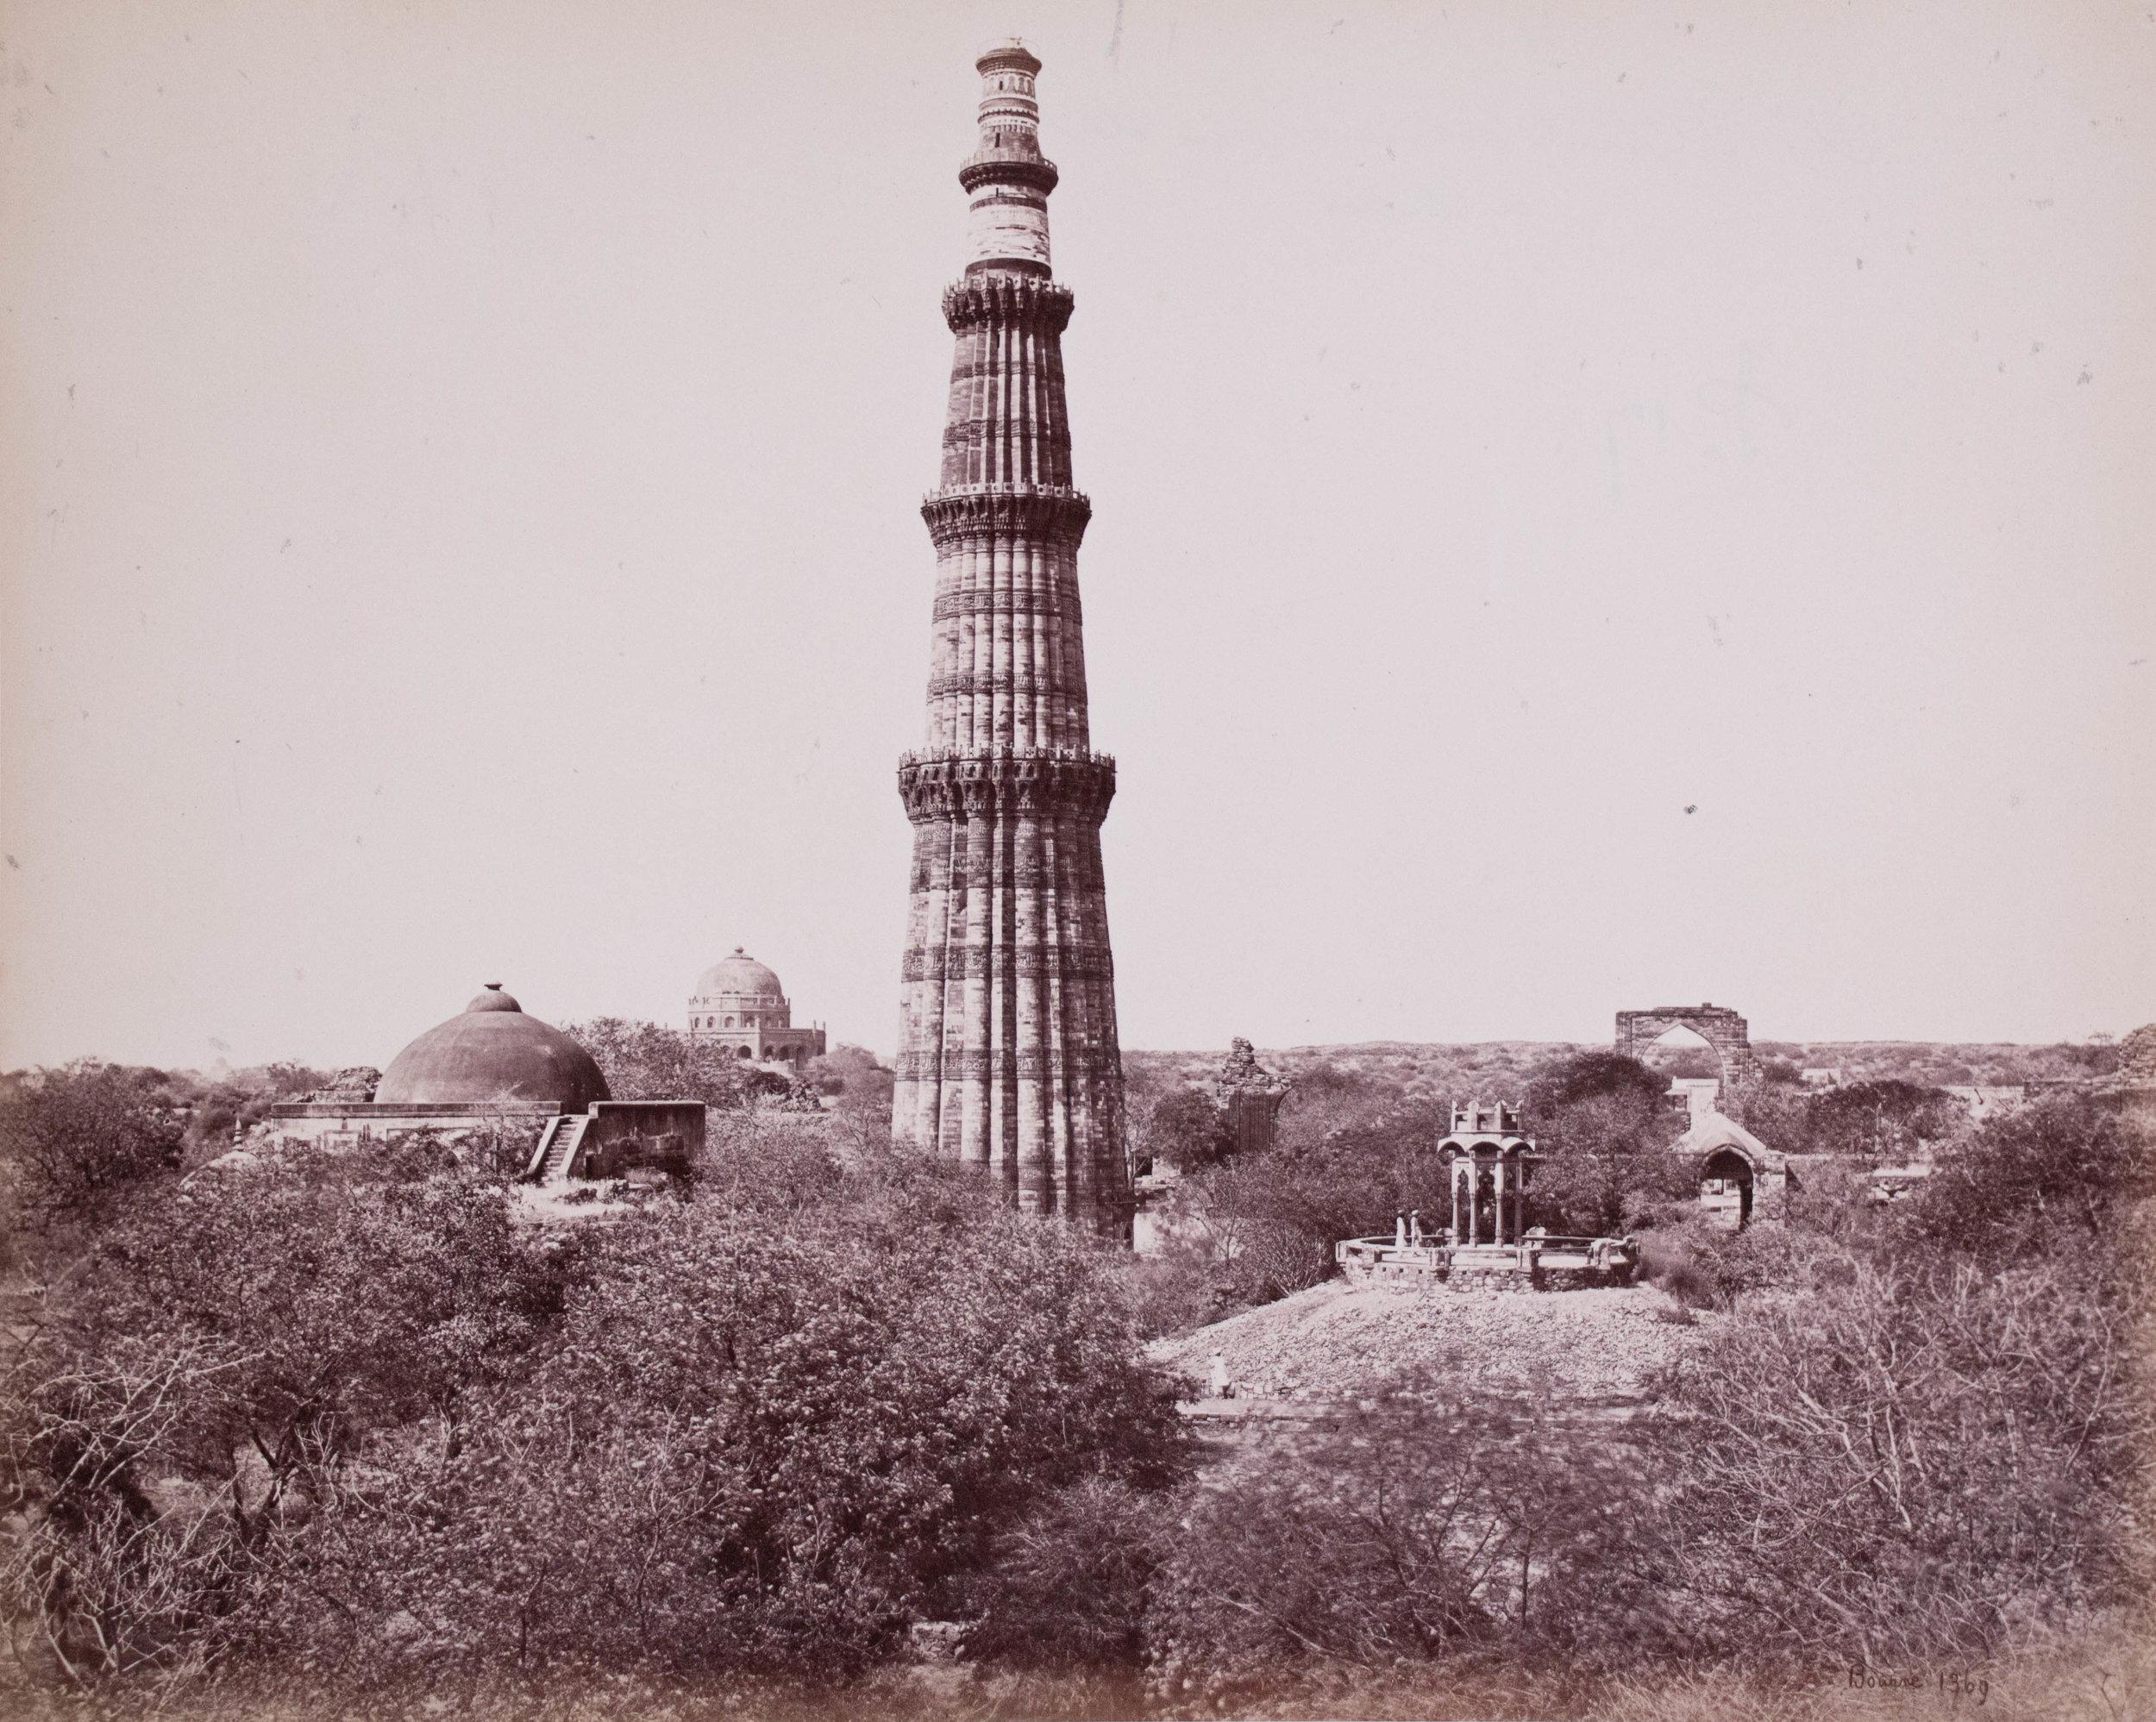 Le pilier de fer de Delhi (Qutub Minar), Delhi